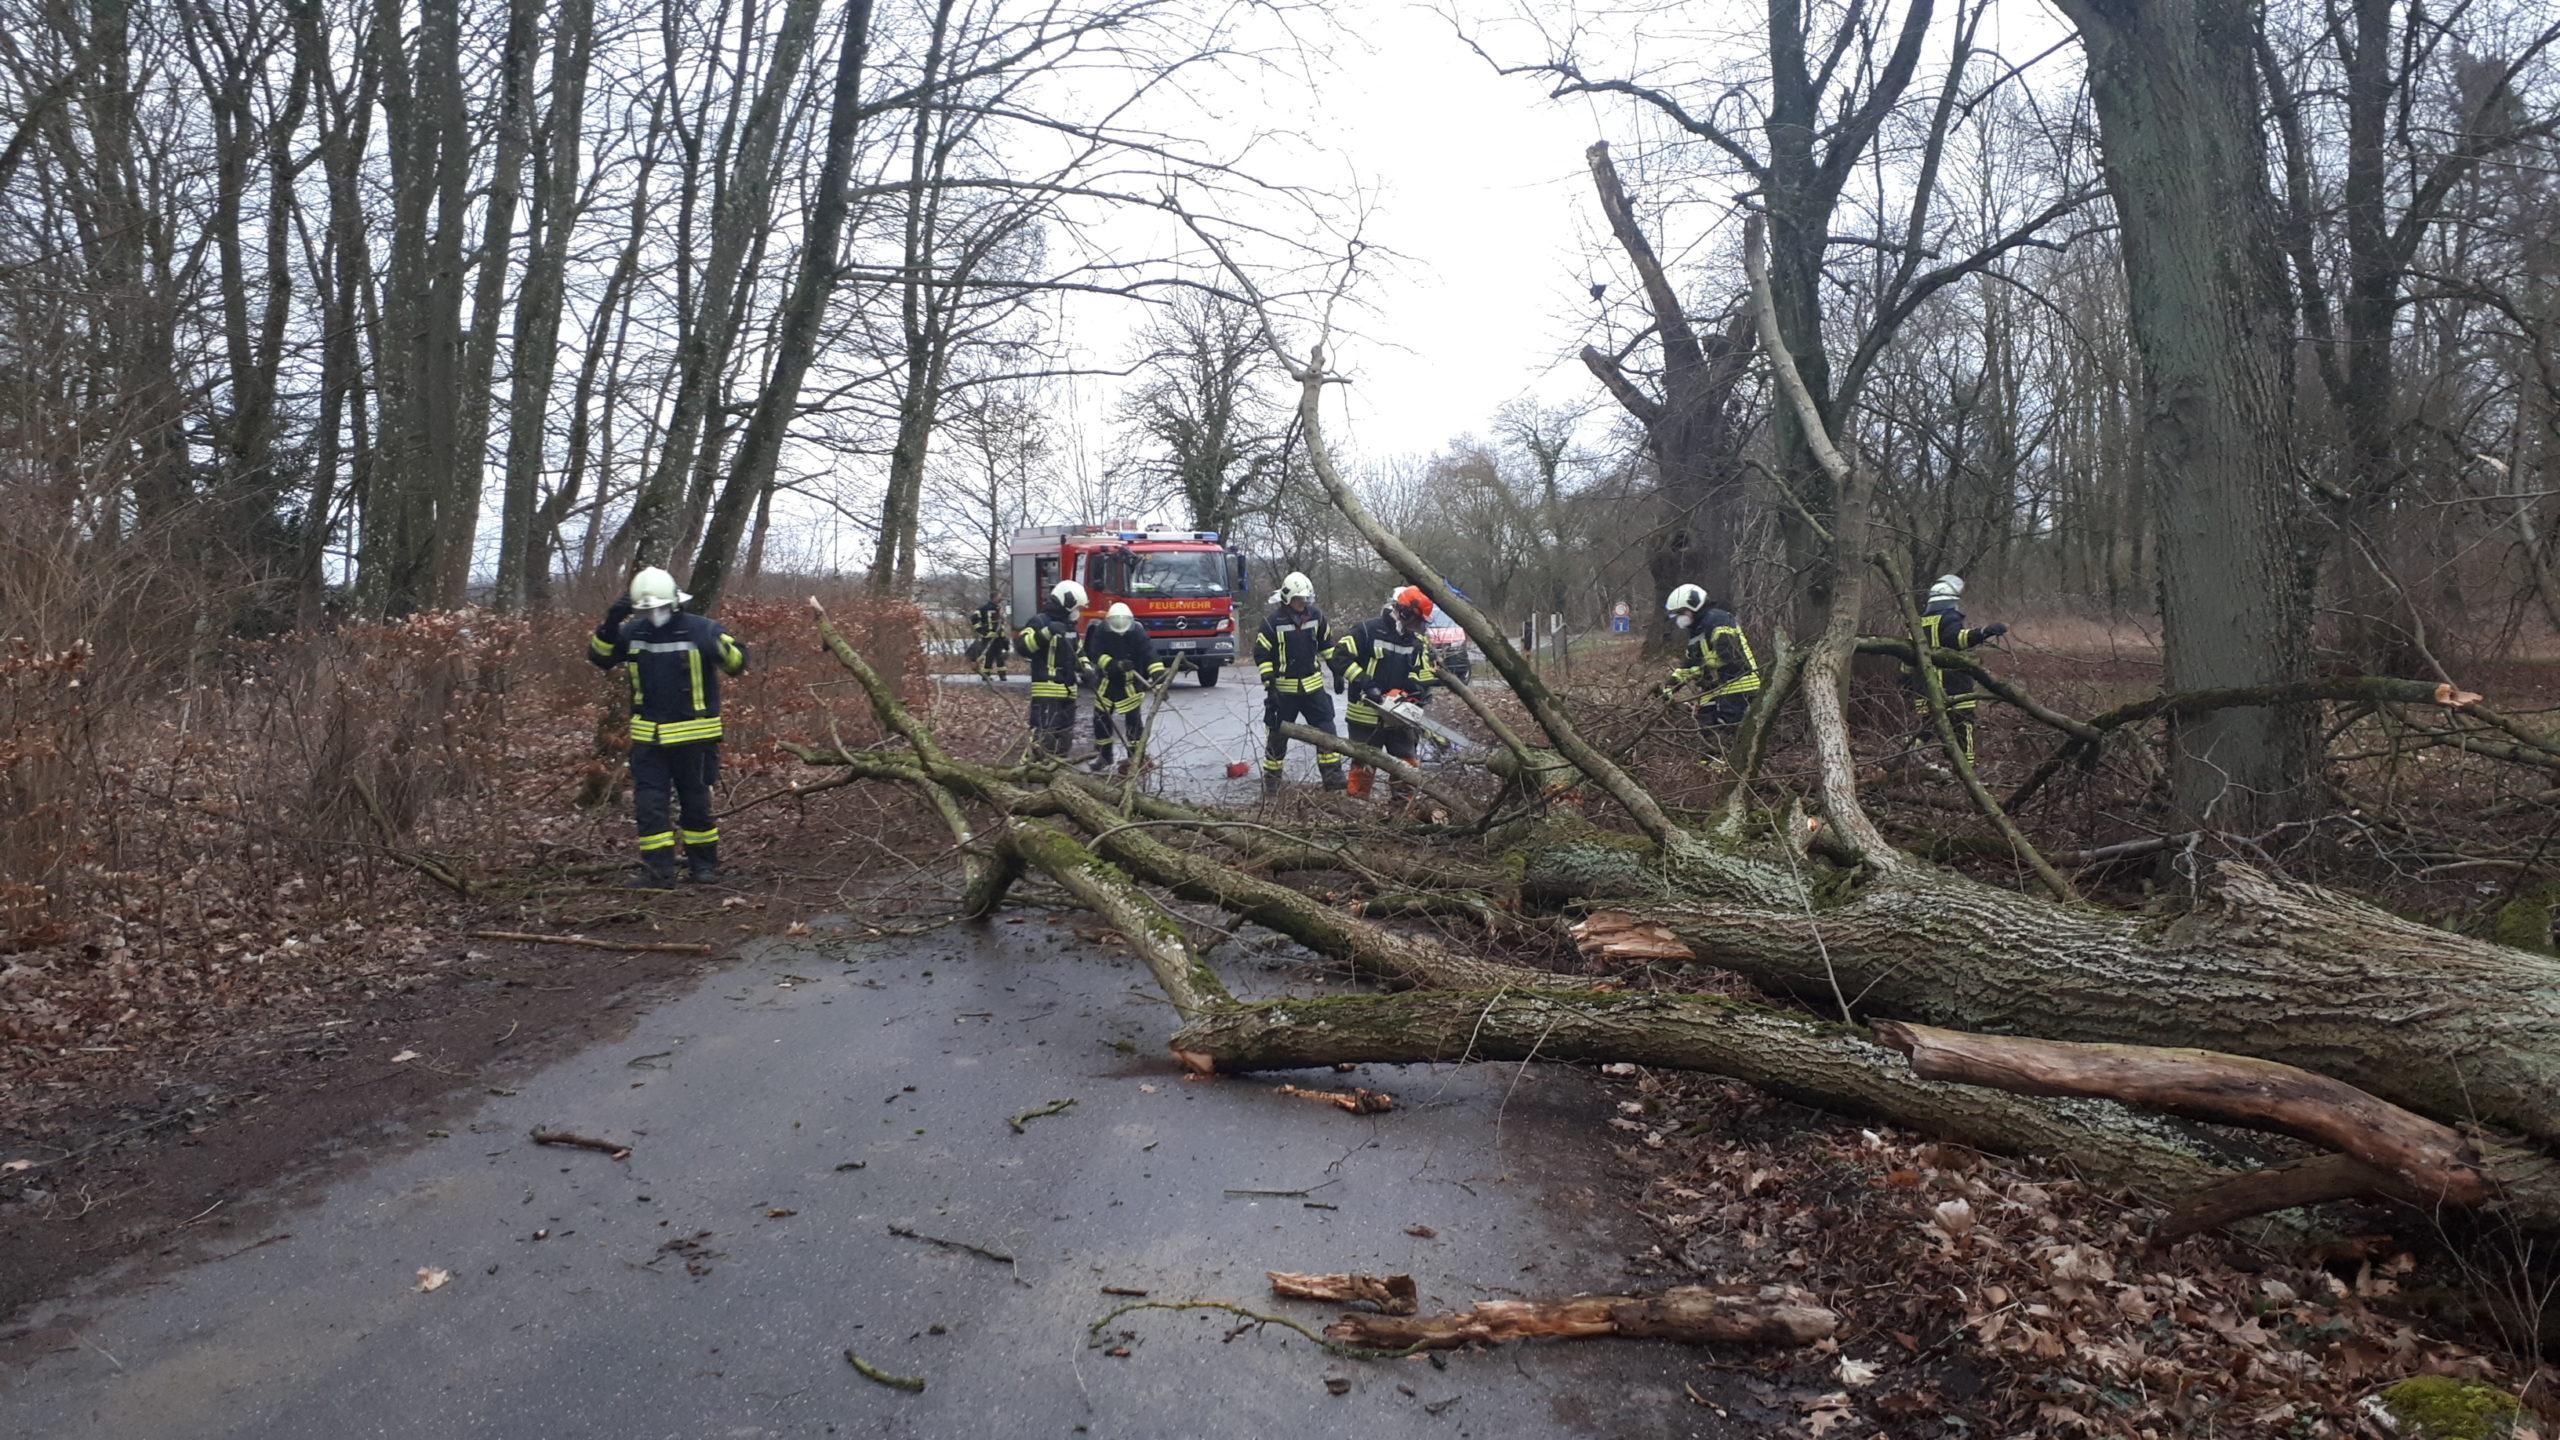 Heftiger Sturm Löste Am Donnerstag Auch Feuerwehr-Einsätze Aus. FFW Bliestorf Und Rondeshagen Mussten Ausrücken.